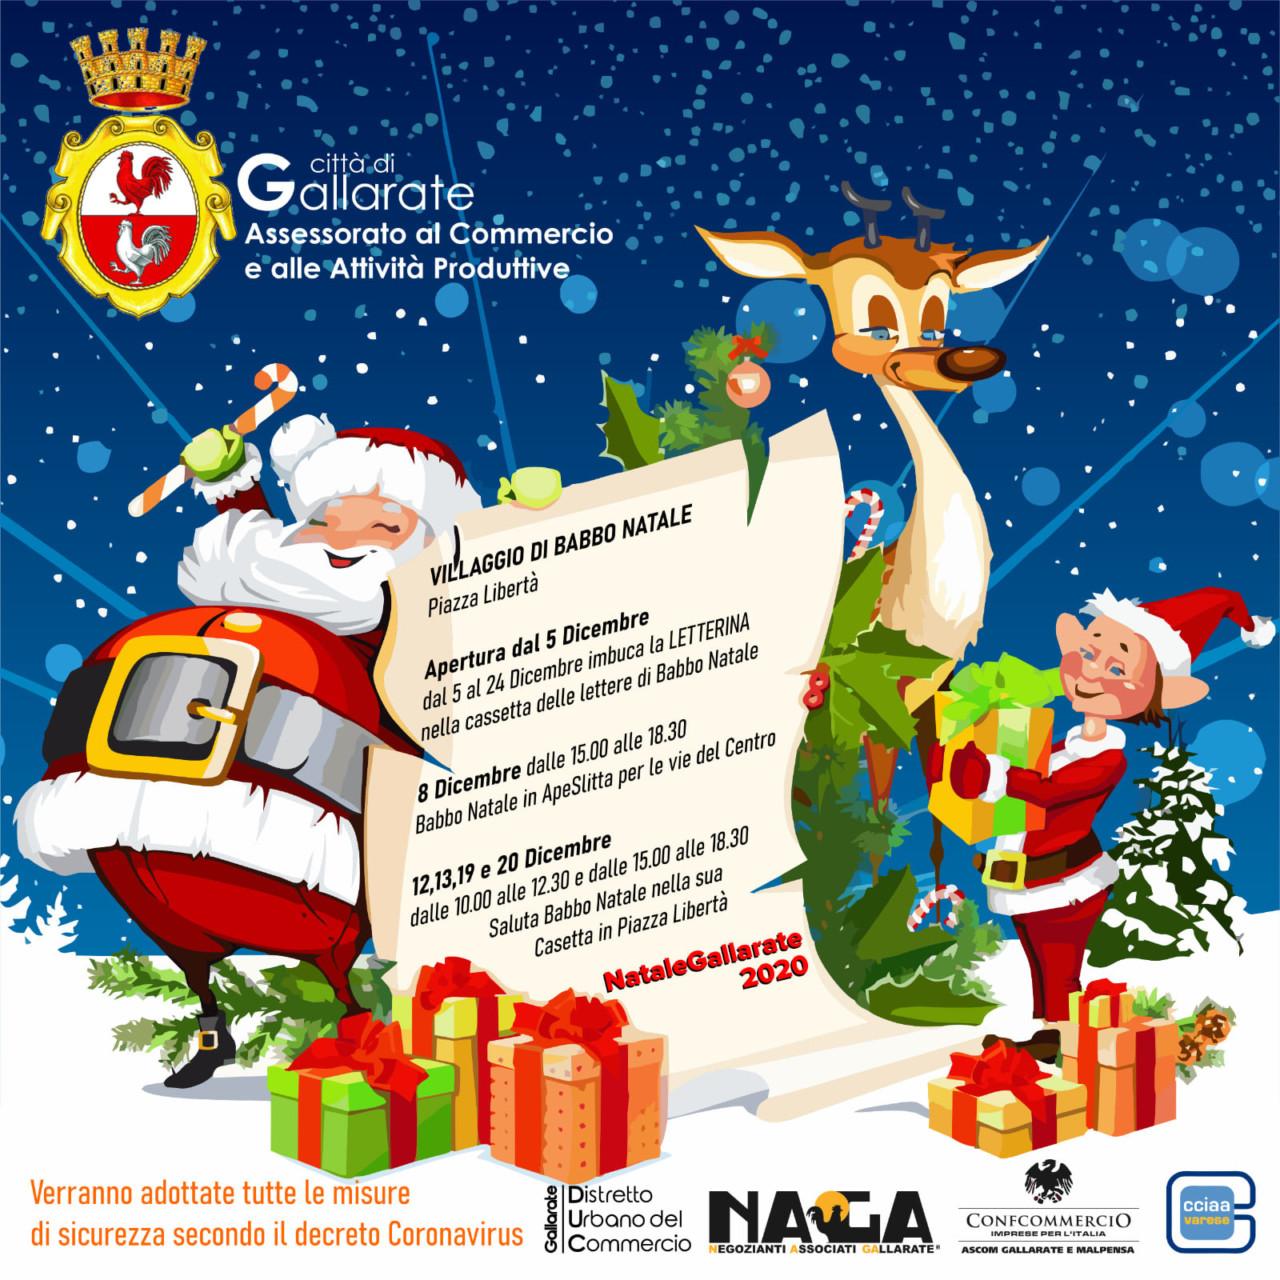 Villaggio Babbo Natale Gallarate(1)